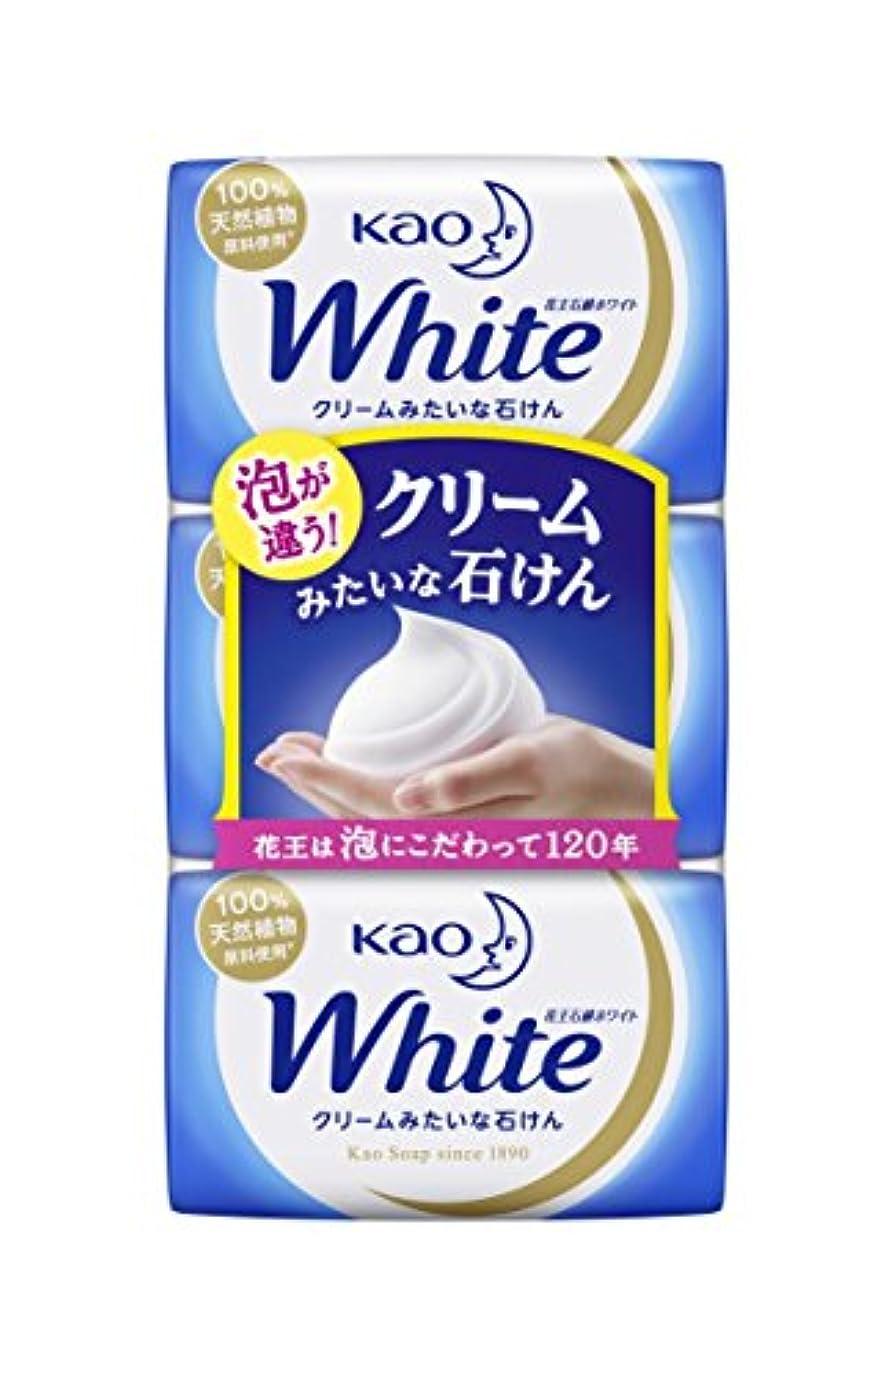 数字芽メッシュ花王ホワイト 普通サイズ 3コパック